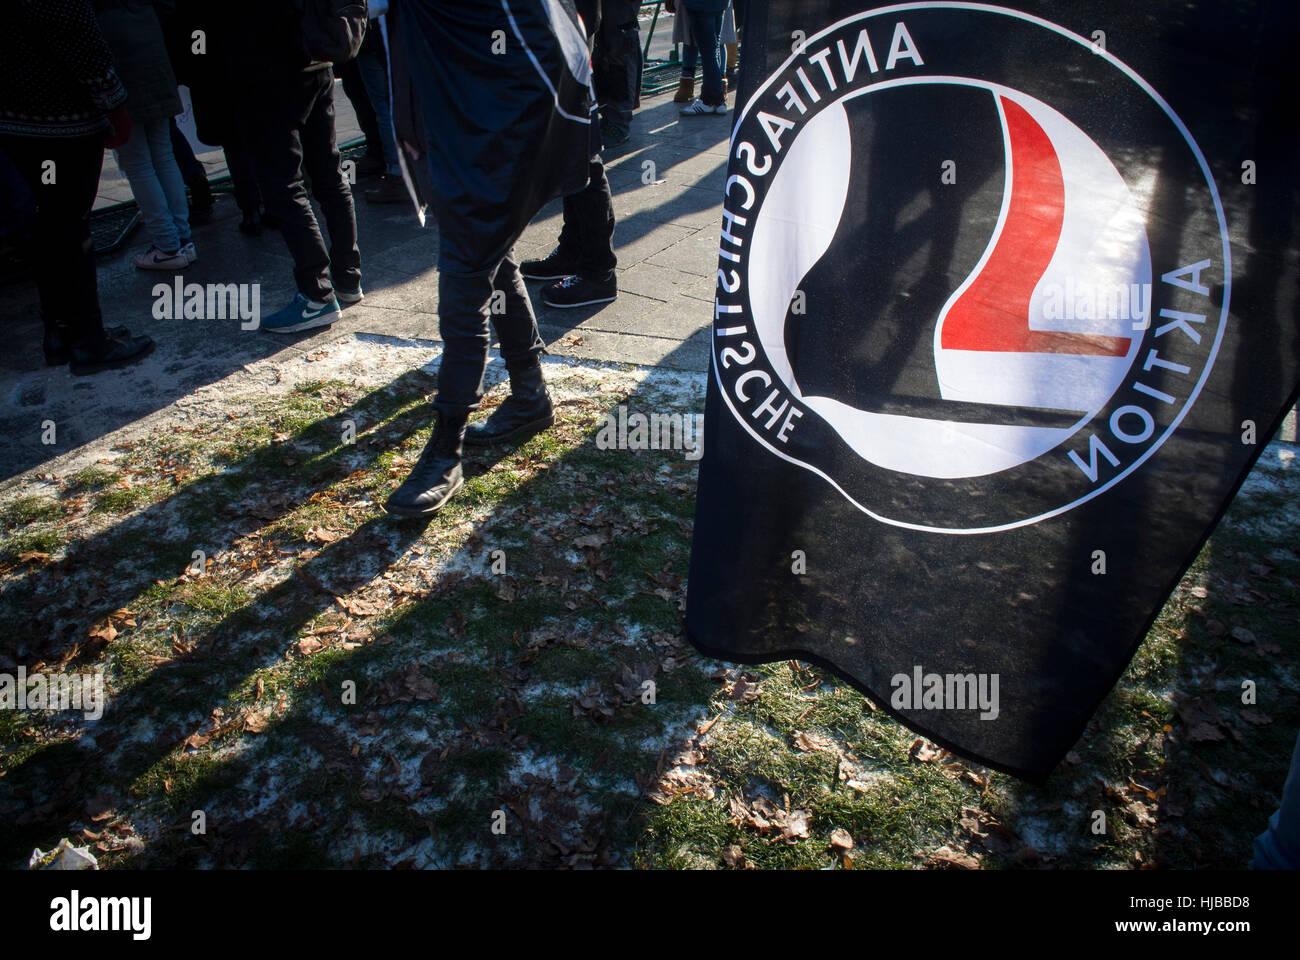 Unos 3 mil manifestantes se reunieron en Koblenz, Alemania, para protestar contra la reunión de extrema derecha Imagen De Stock